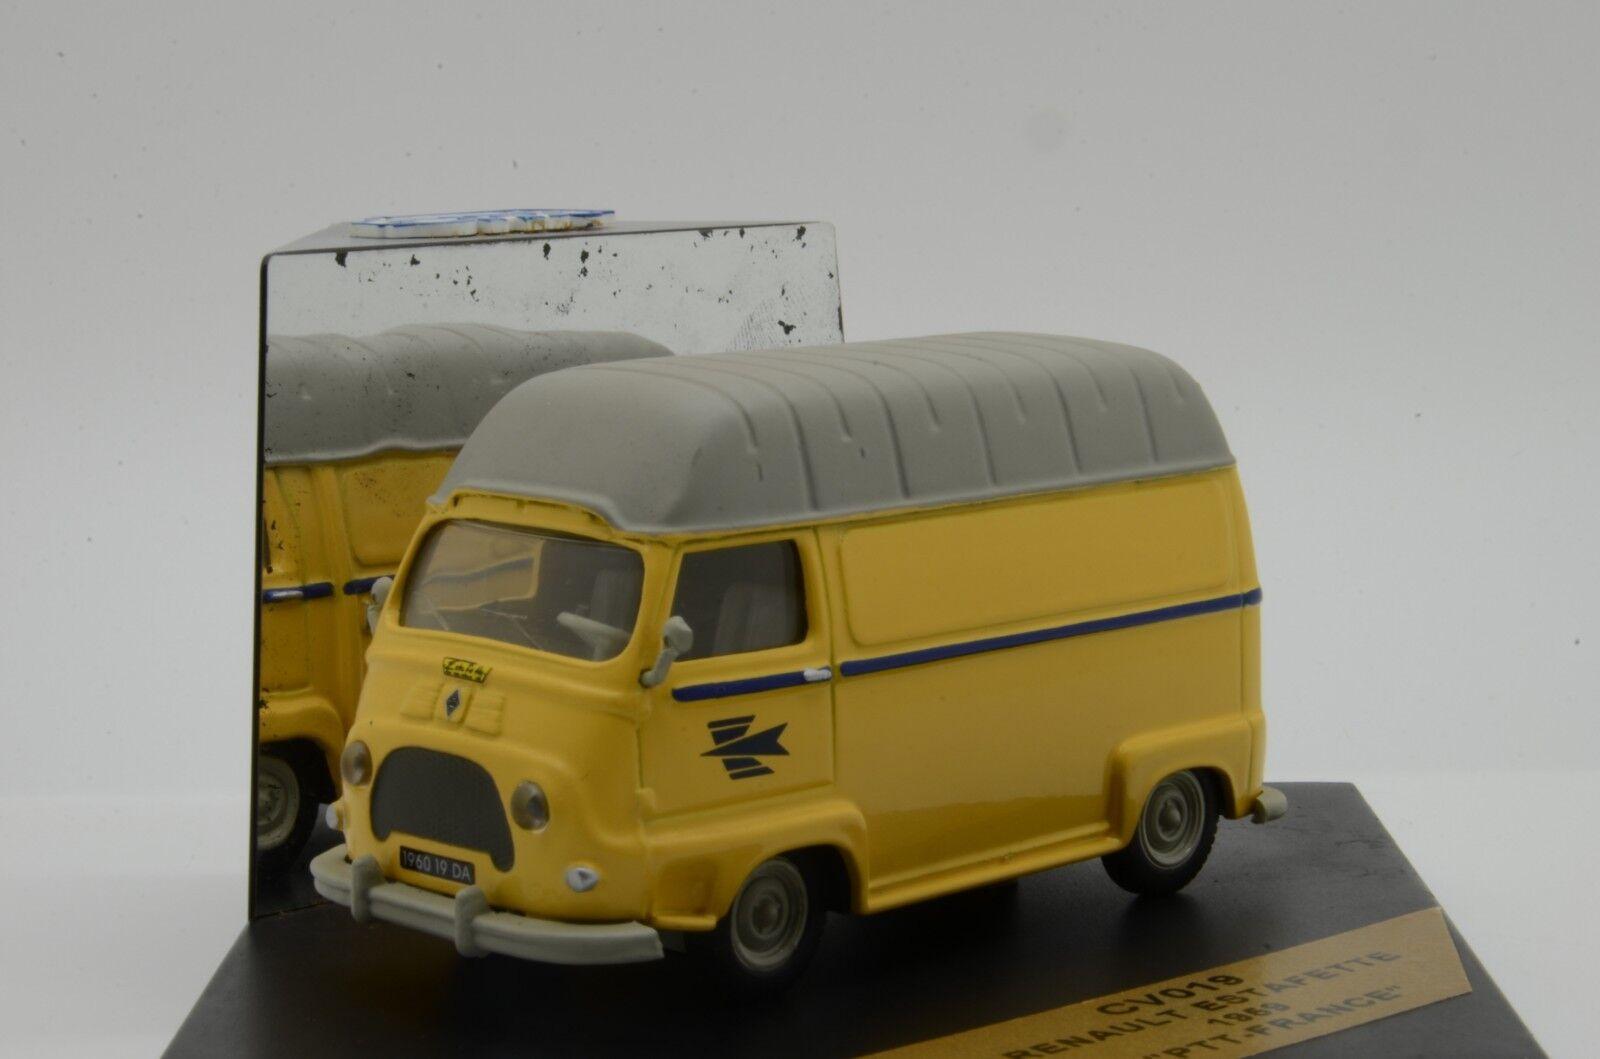 promocionales de incentivo    rara      RENAULT ESTAFETTE 1959 PTT Francia Post Vitesse CV019 1 43  despacho de tienda